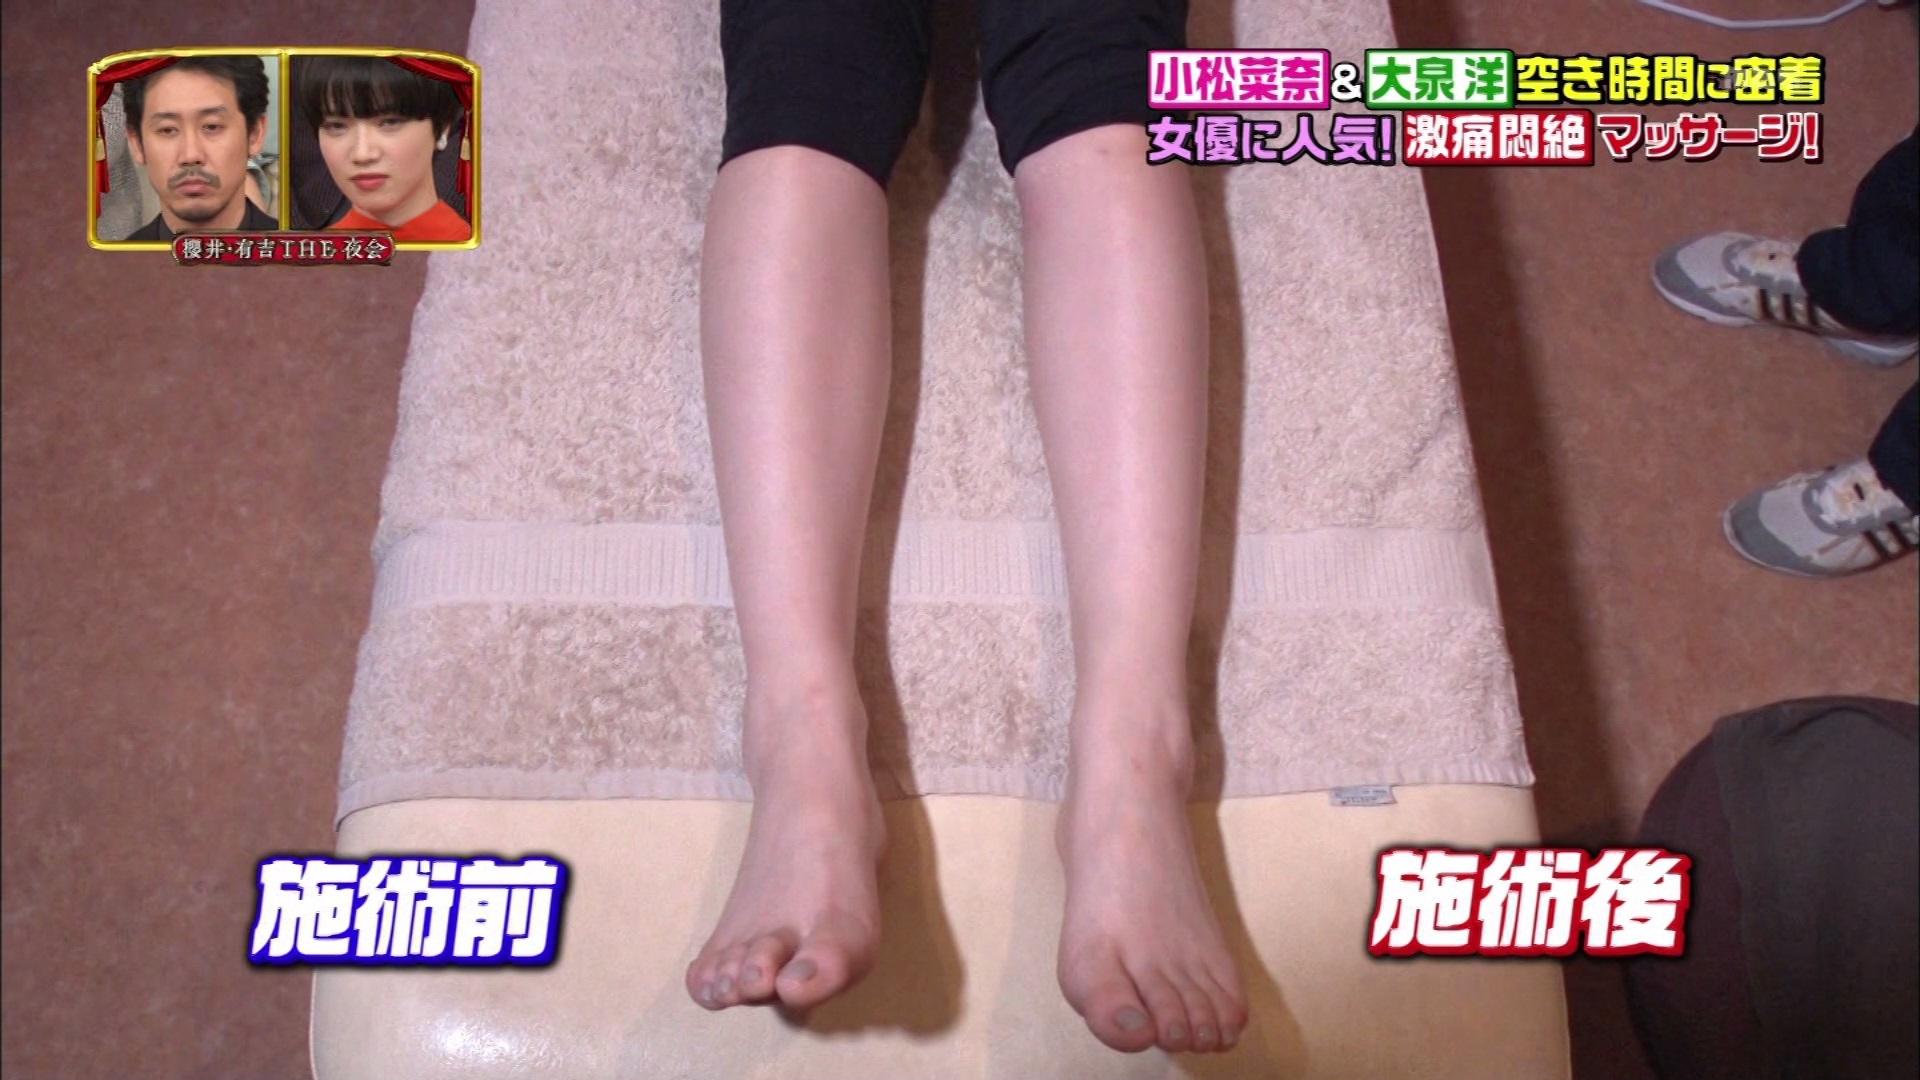 小松菜奈_マッサージ_テレビキャプ画像_24